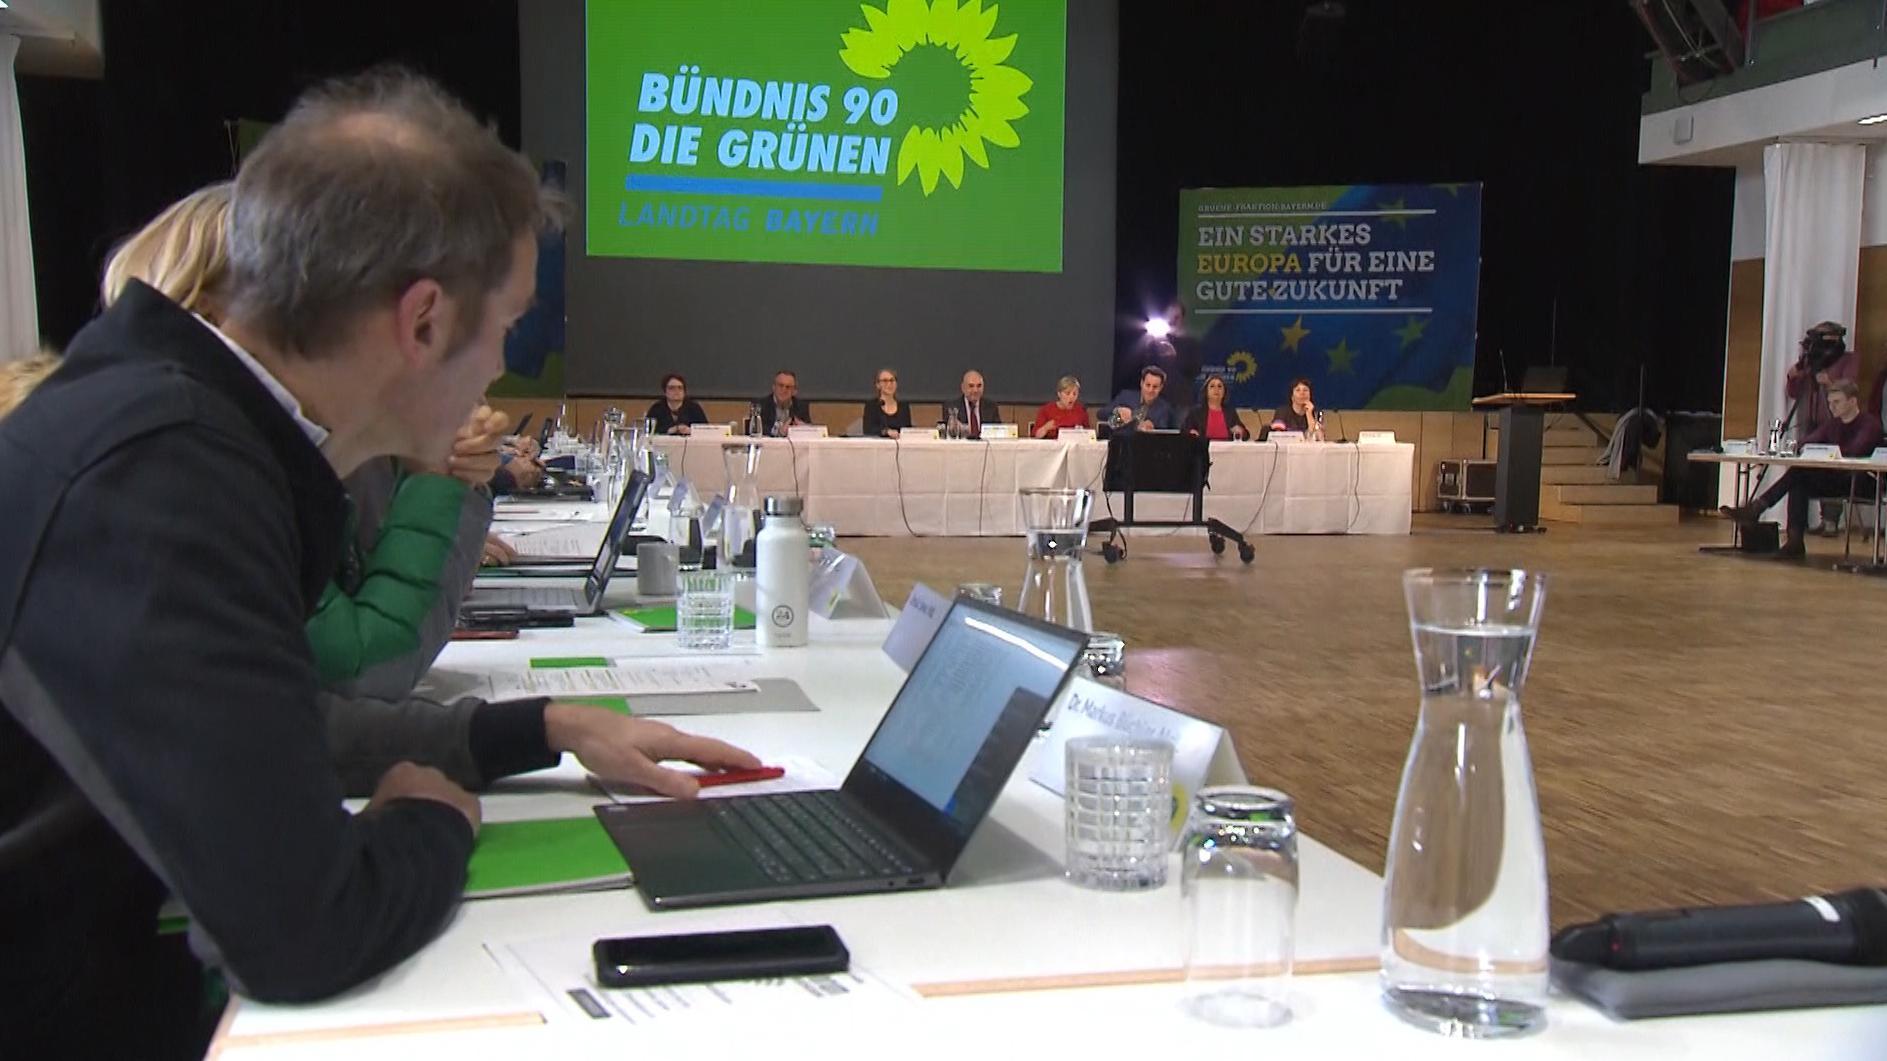 Drei Tage diskutiert die Grünen-Fraktion über die für sie wichtigsten Themen wie den Klimaschutz und wirft schon mal einen Blick auf die Europawahl im kommenden Mai.